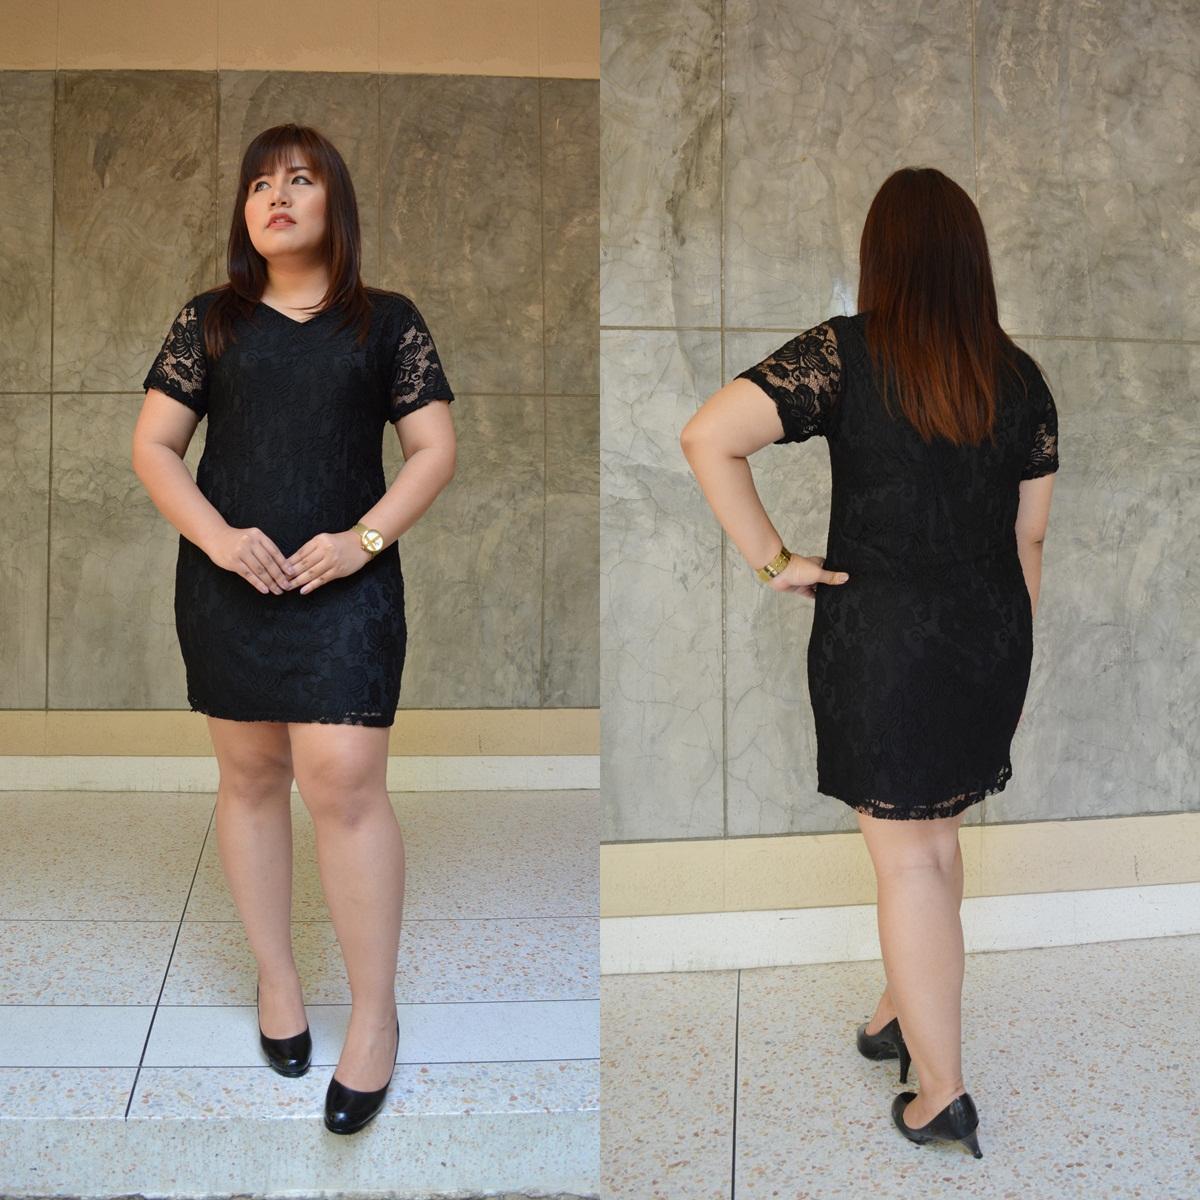 ชุดดำพร้อมส่ง สำหรับสาวอวบ++ F 36-43 นิ้ว T5109